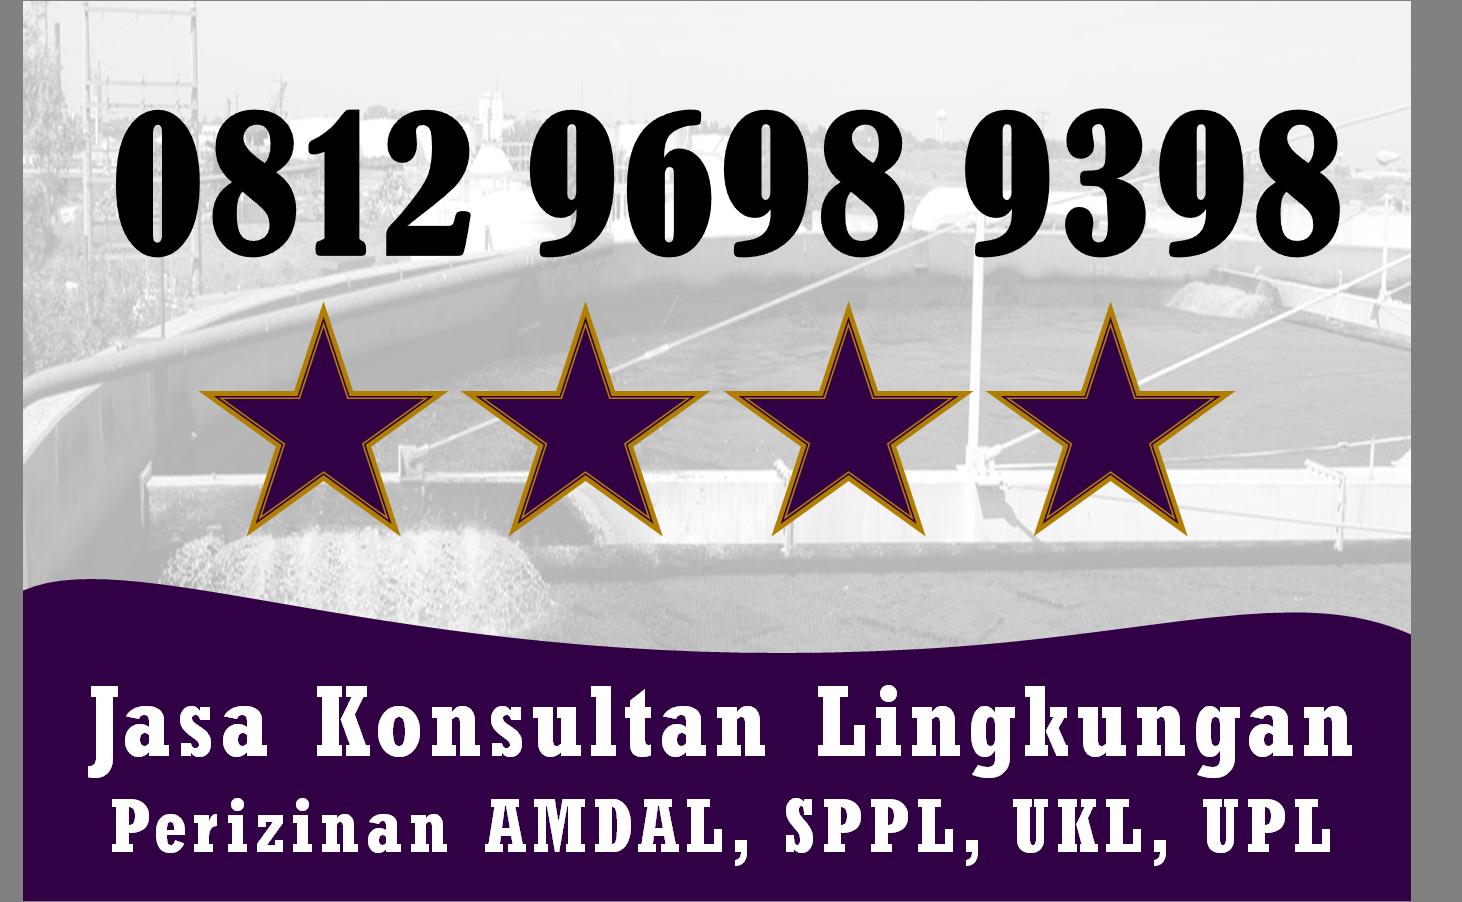 Telpon Sekarang Telp Wa 0812 9698 9398 Kak Ukl Upl Puskesmas Kab Madiun Jawa Timur Di 2020 Kota Bukittinggi Kepulauan Pulau Bangka